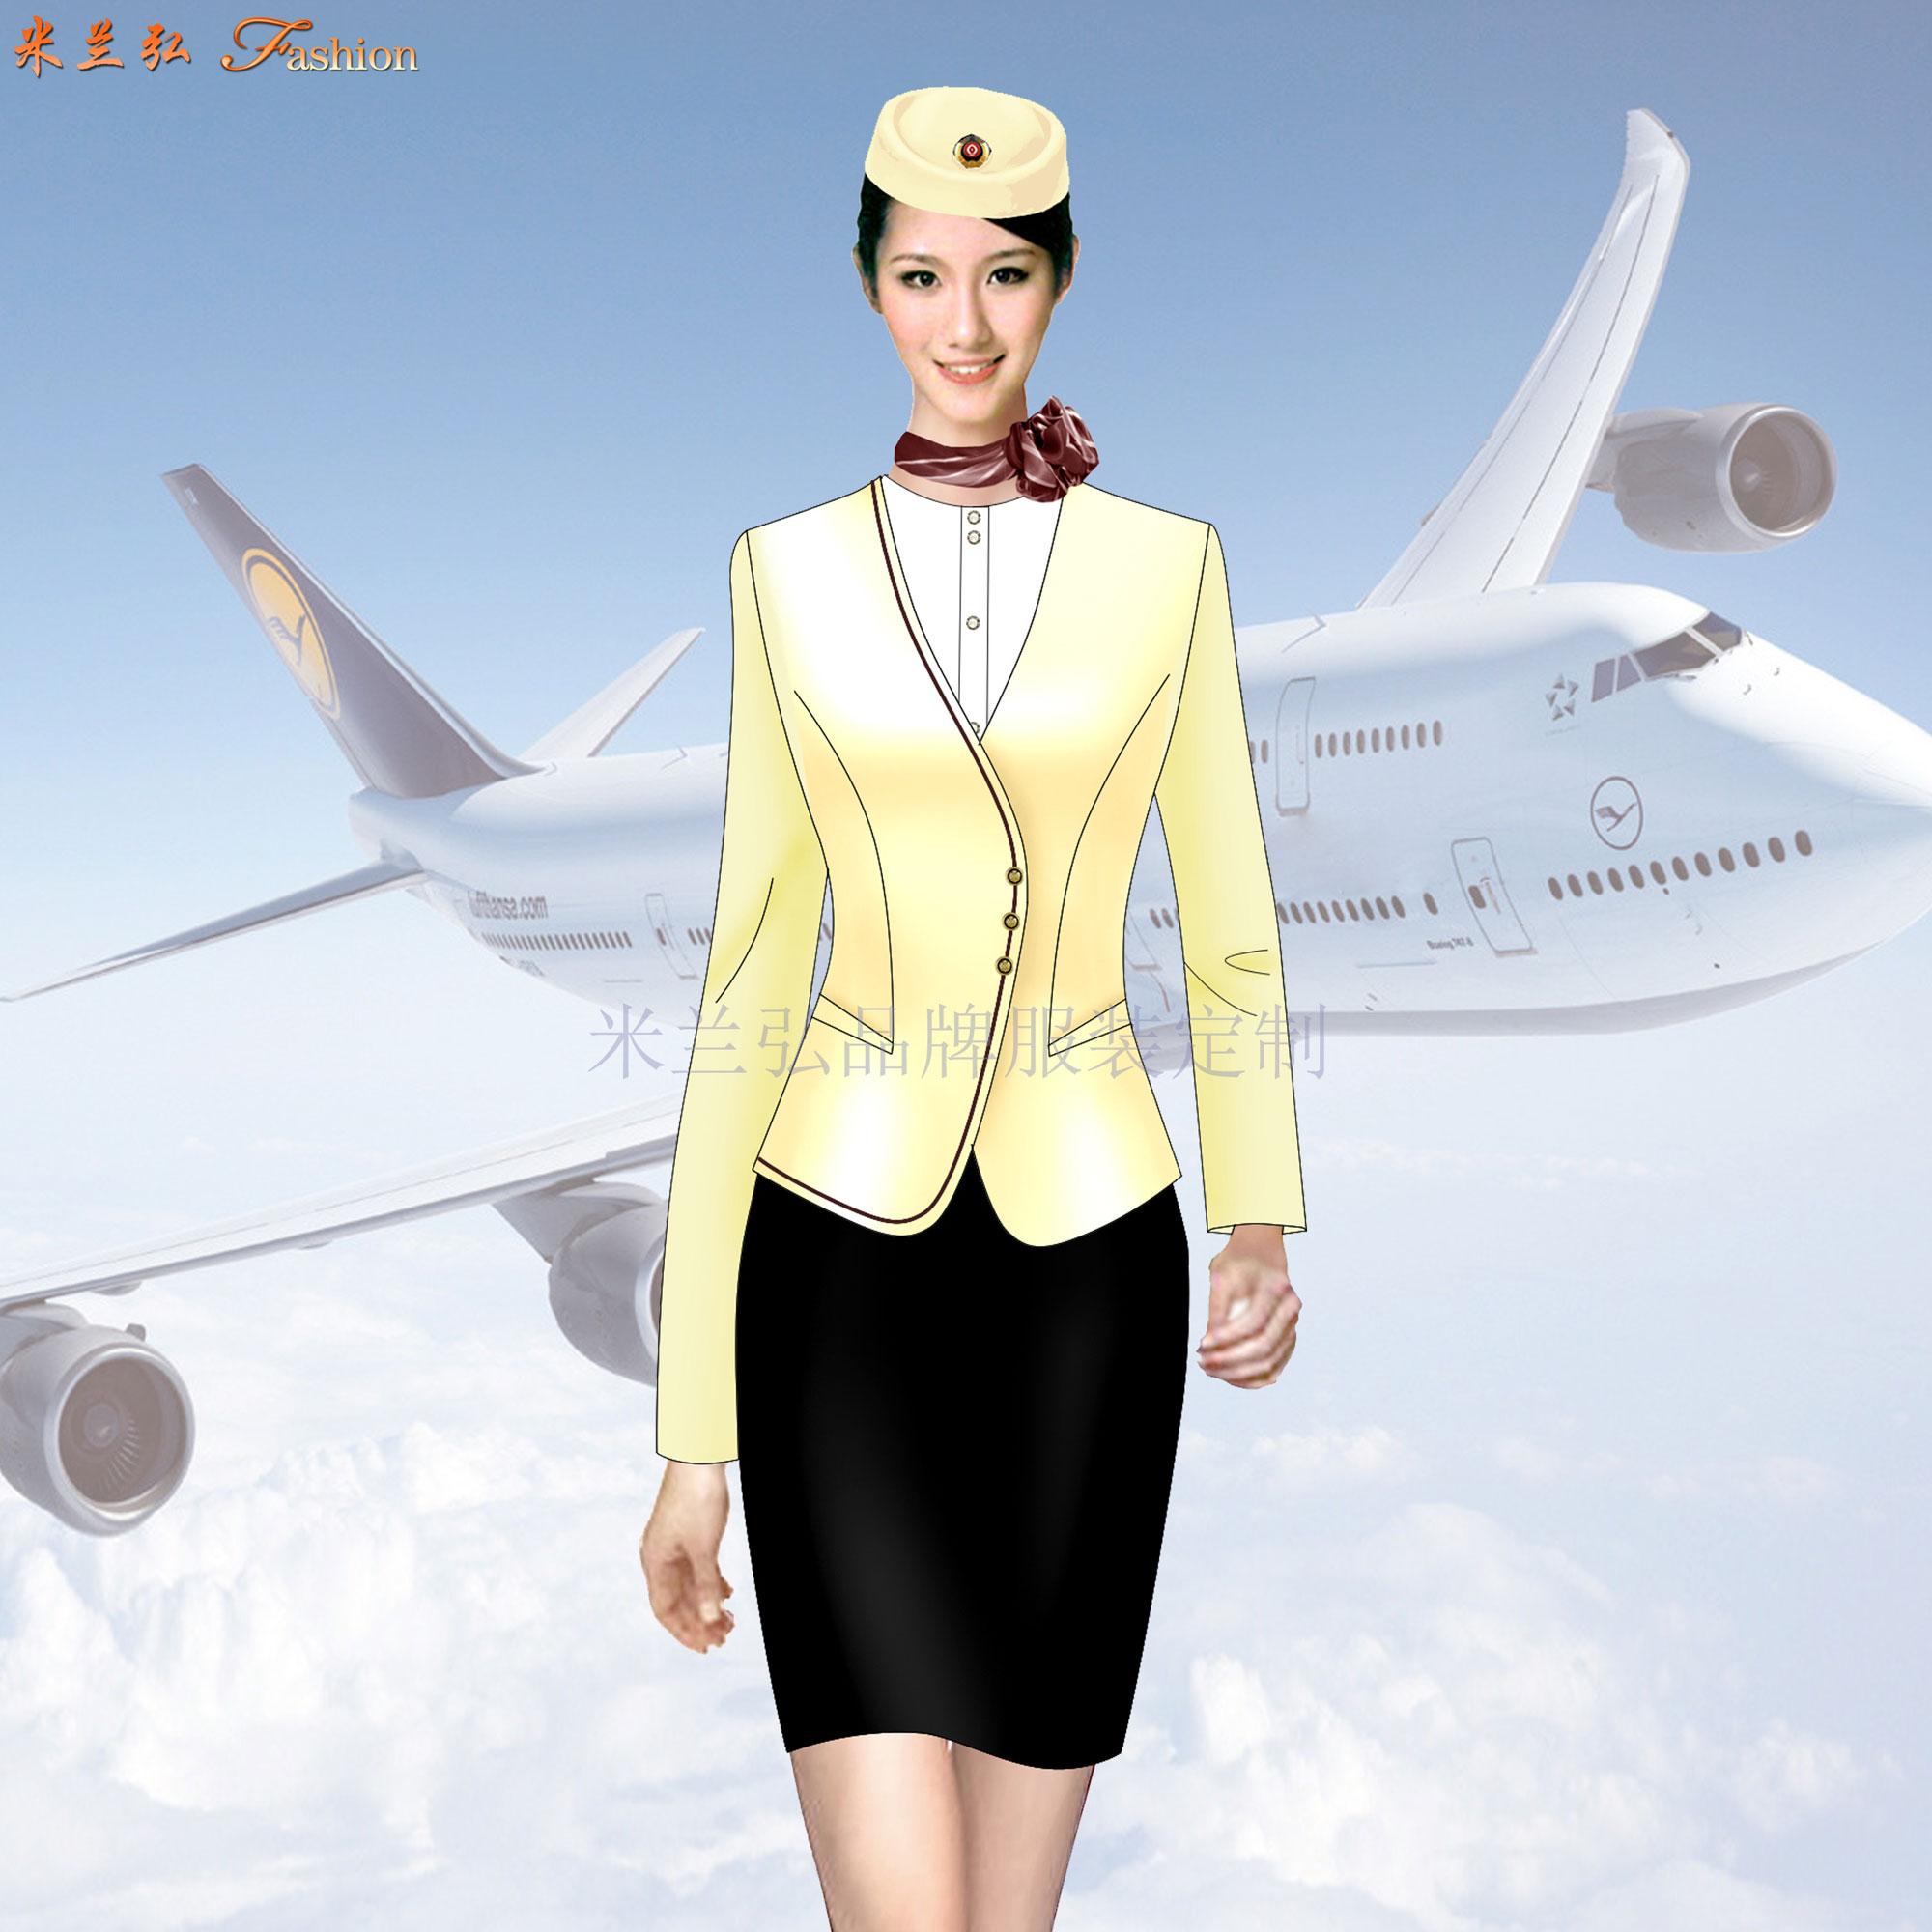 服裝定製首頁--ꄲ--航空高鐵製服--ꄲ--「上海空姐服定製」圖片_價格_方法_公司--永利注册网站空姐服